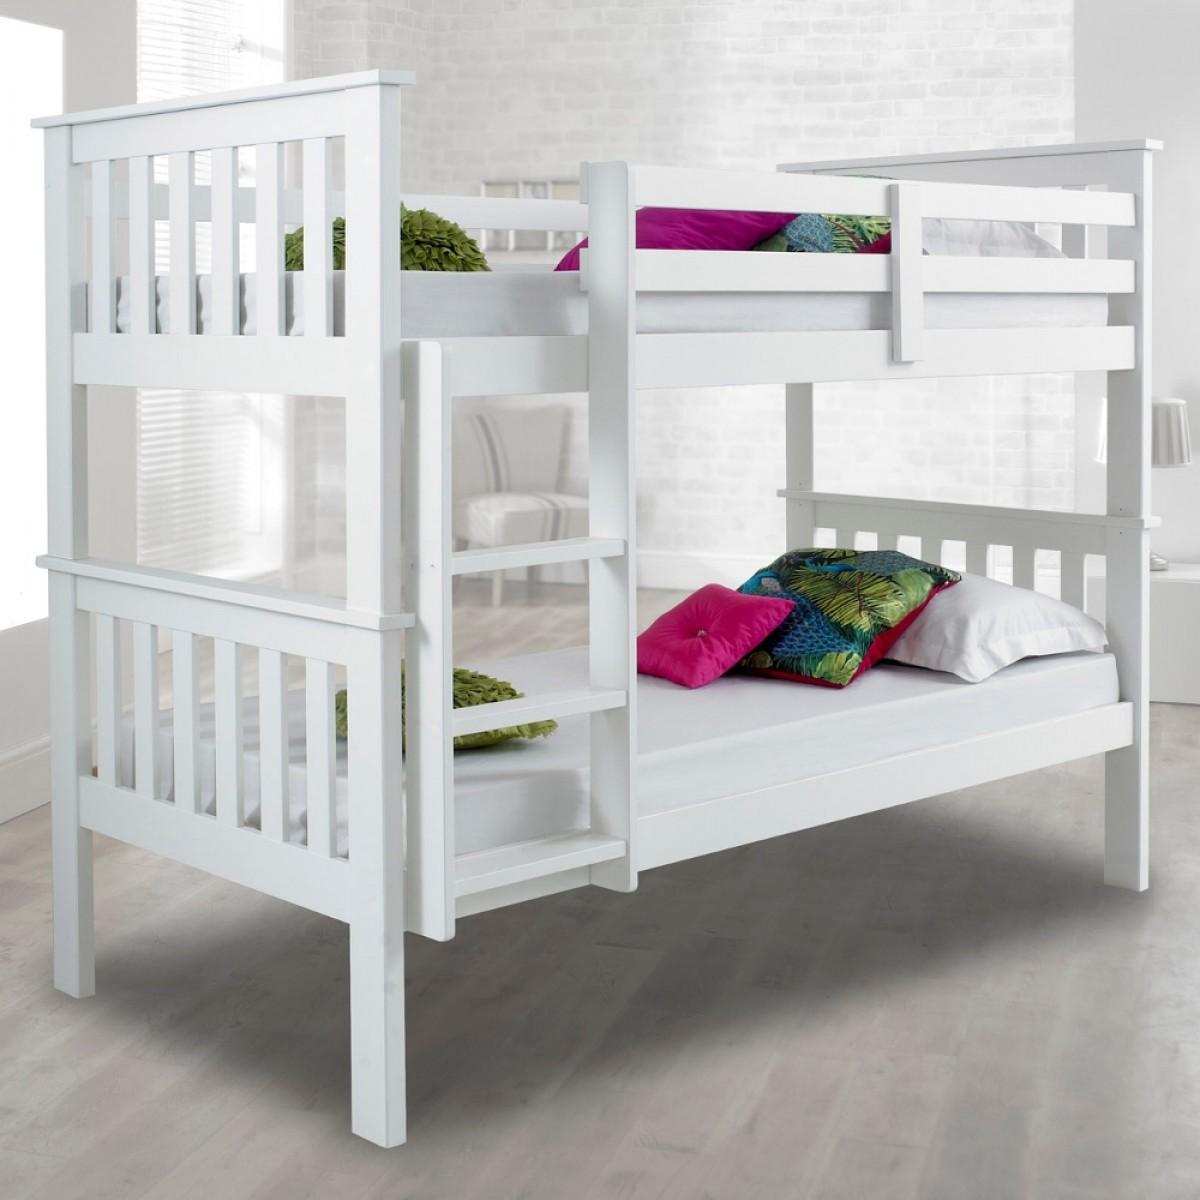 atlantis white finish solid pine wooden bunk bed. Black Bedroom Furniture Sets. Home Design Ideas